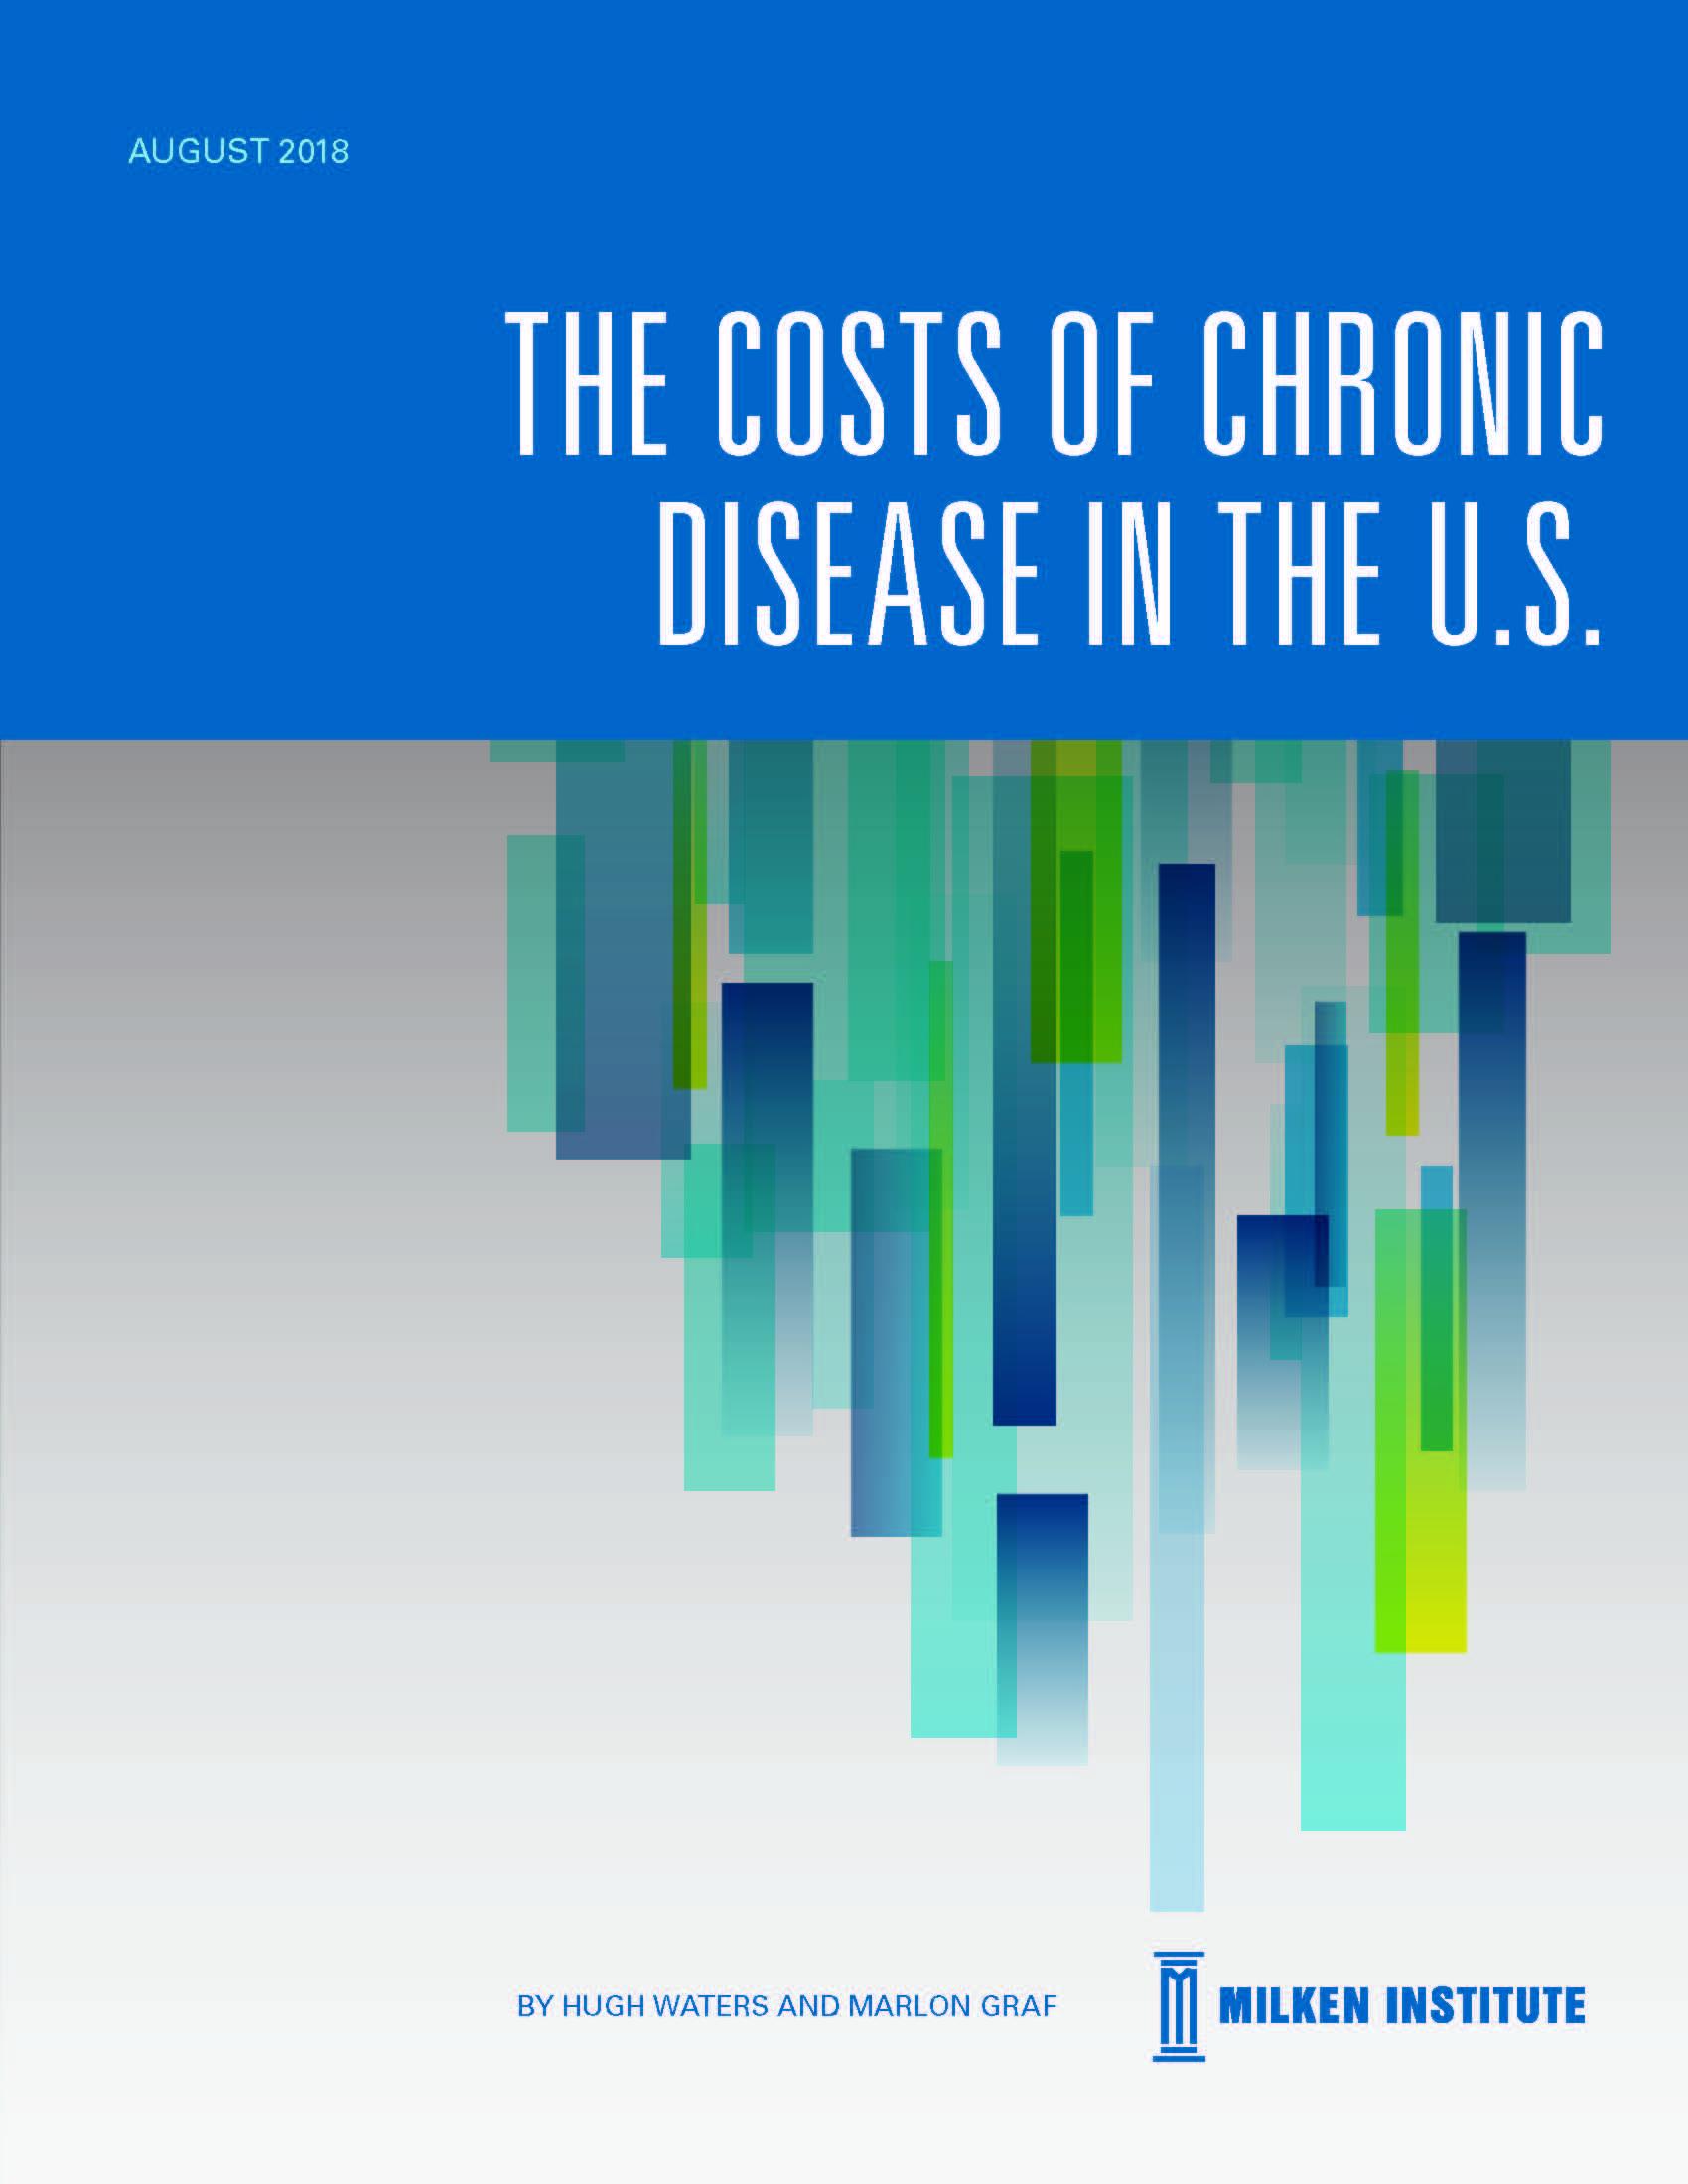 Chronic Disease Costs In The U S Milken Institute Report